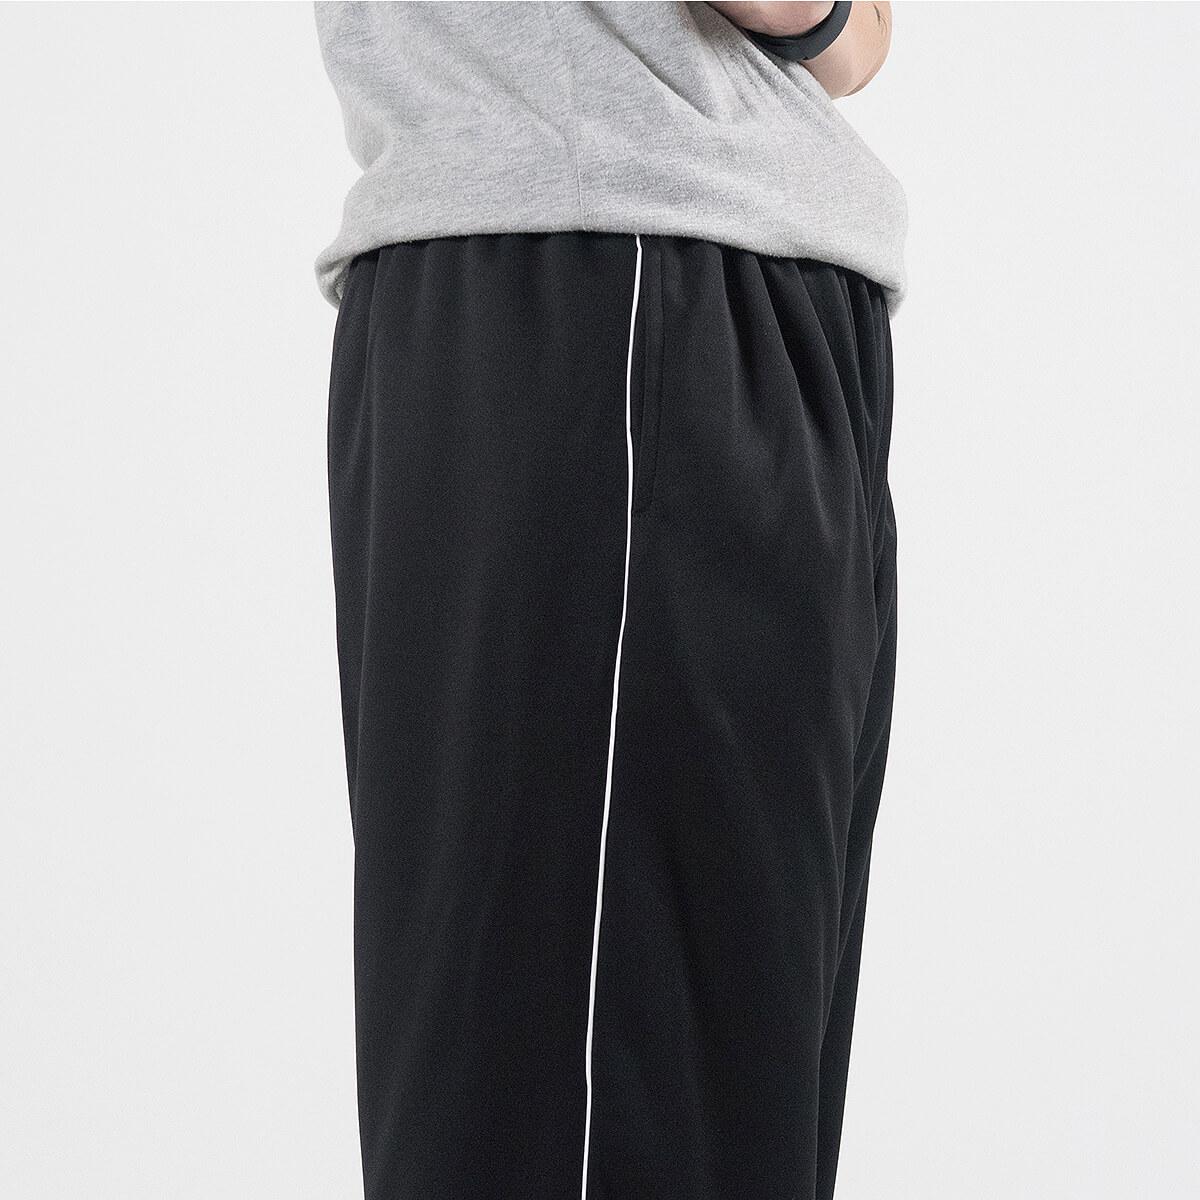 加大尺碼防潑水長褲 保暖台灣製長褲 防風休閒長褲 褲管無縮口彈性長褲 大尺碼男裝 全腰圍鬆緊帶休閒褲 黑色長褲 Made In Taiwan Big And Tall Water Repellent Pants Casual Pants (310-2056-08)深藍色、(310-2056-21)黑色、(310-2056-22)深灰色 4L 5L (腰圍:97~119公分  /  38~47英吋) 男女可穿 [實體店面保障] sun-e 4